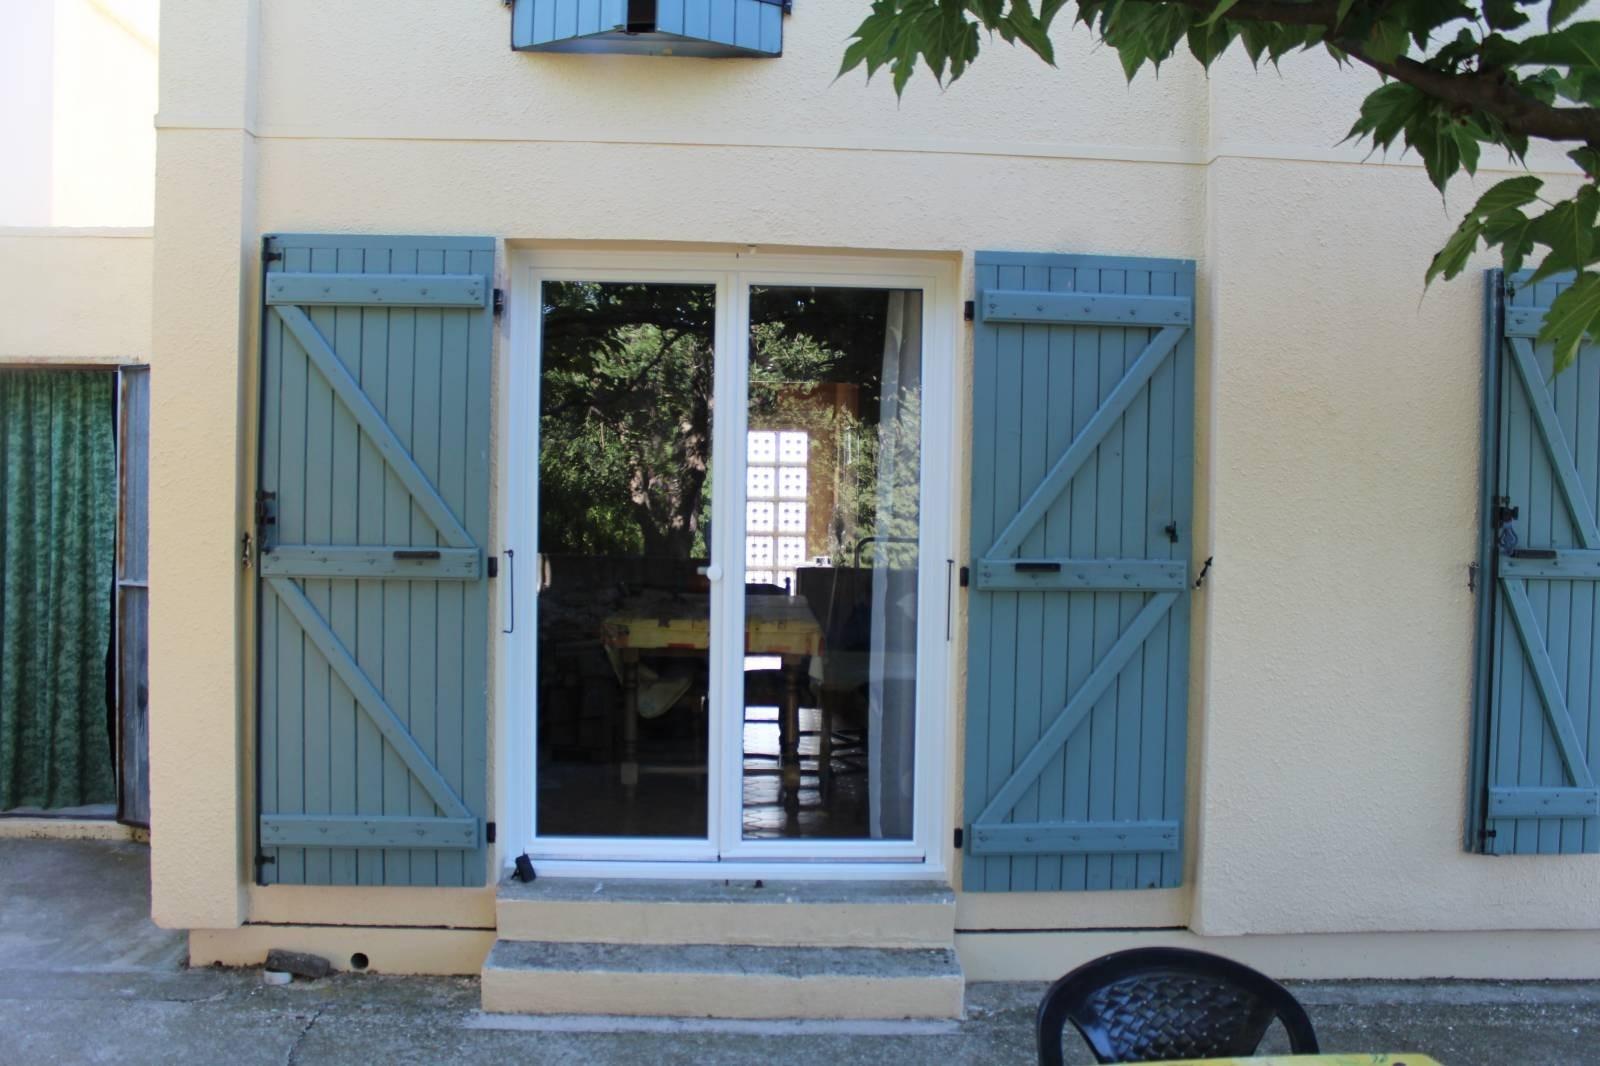 Rénovation De Fenêtres Sur Allège En Pvc Blanc Au Crès Menuiserie